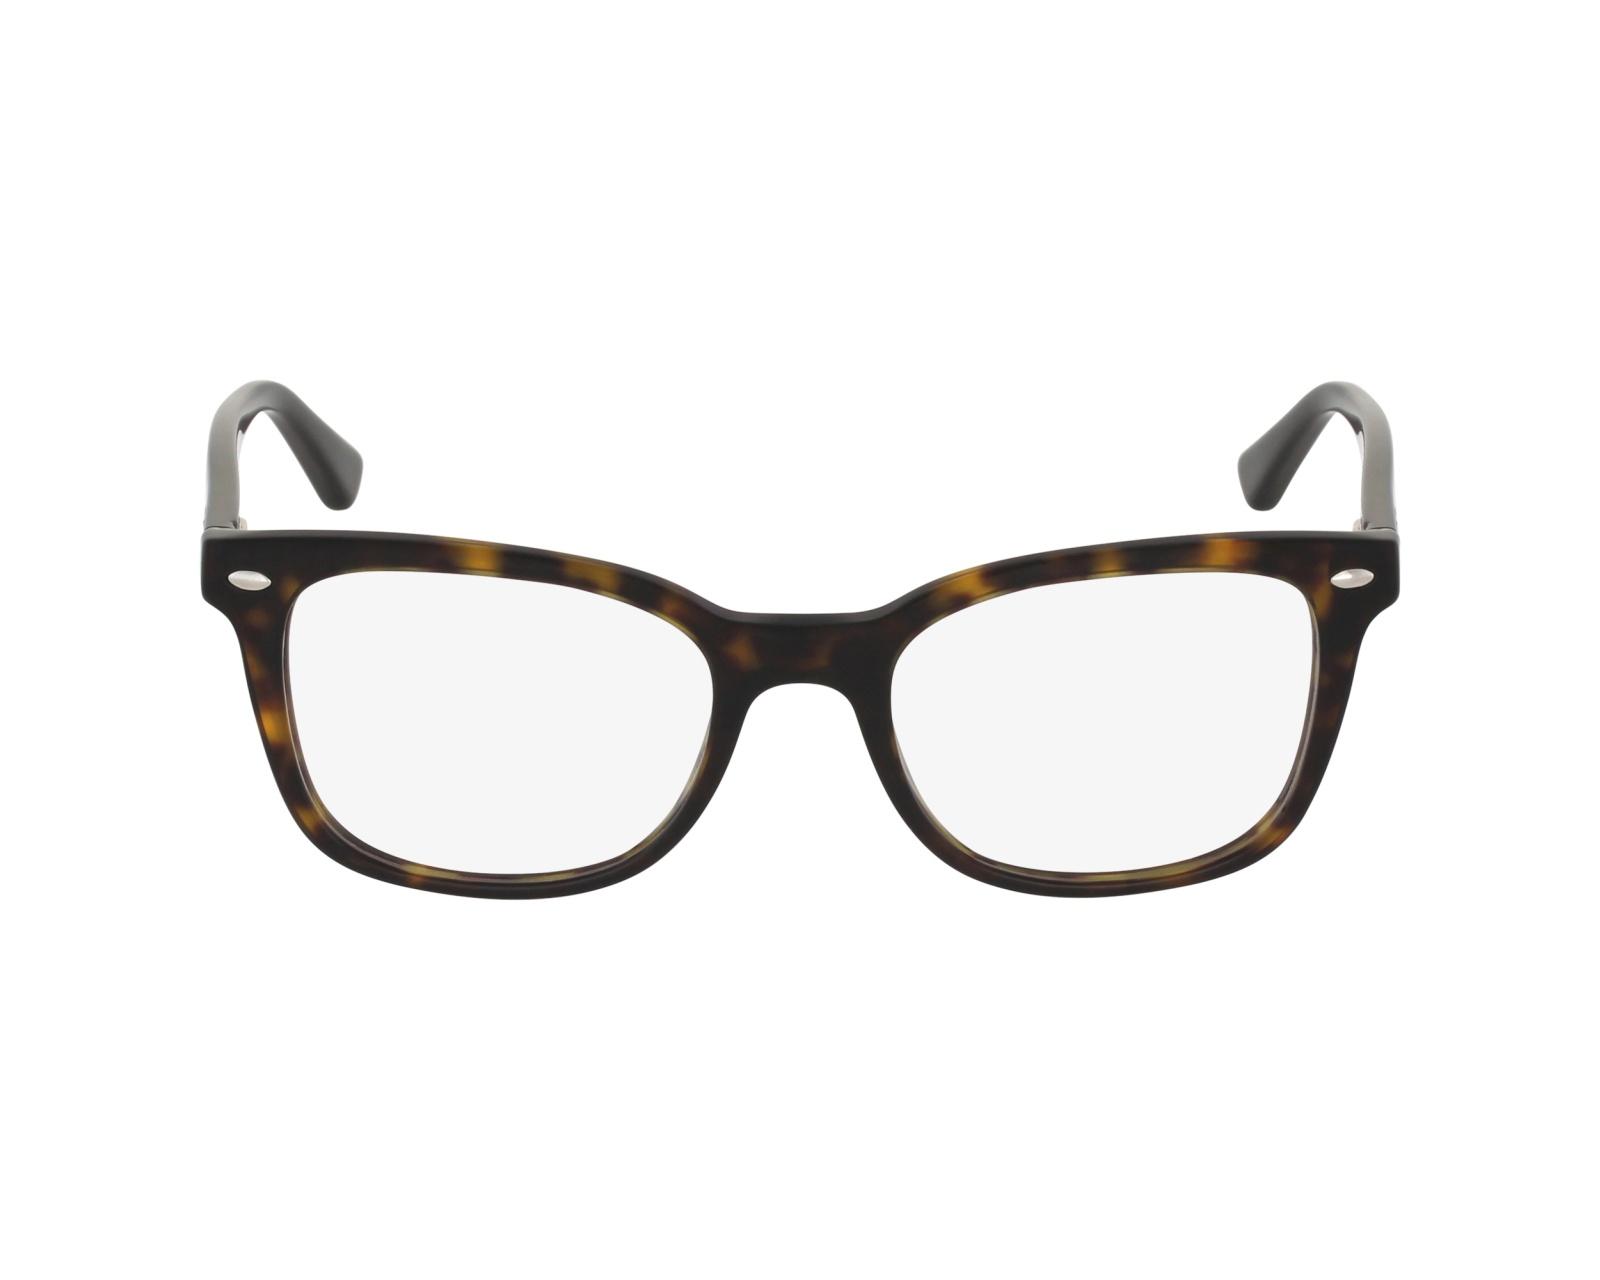 328fb704394 eyeglasses Ray-Ban RX-5285 2012 - Havana profile view